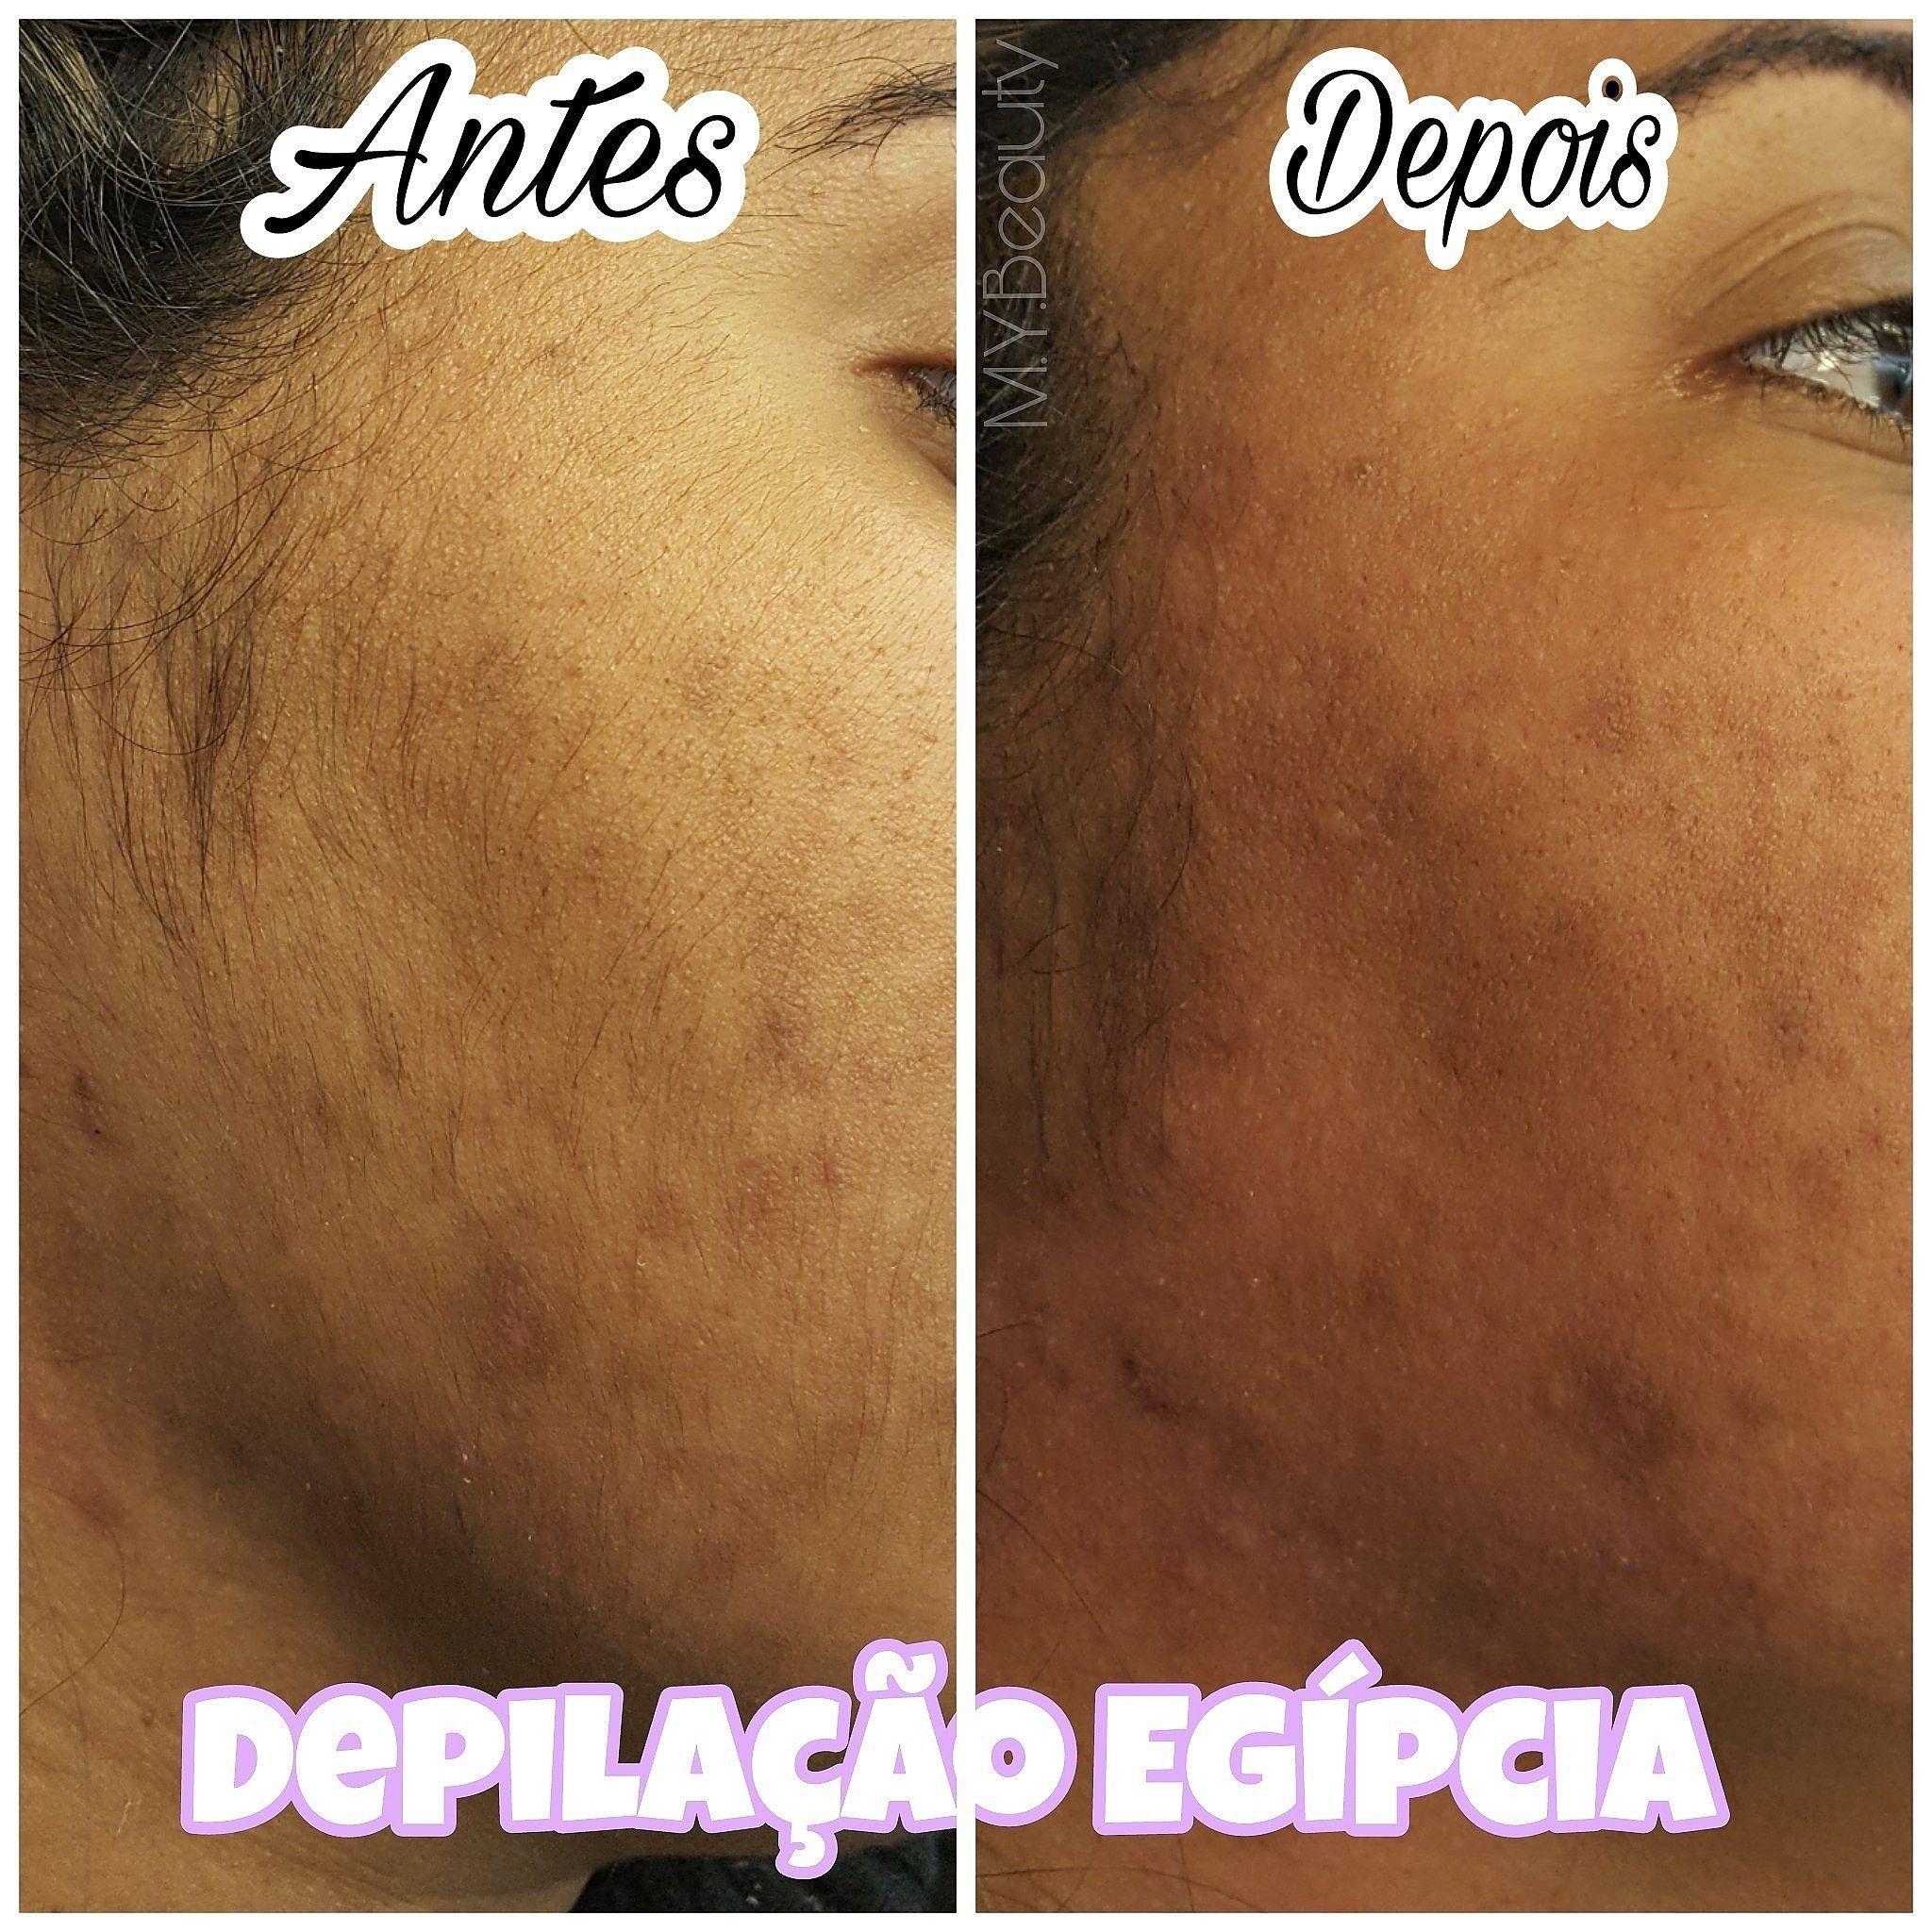 Depilação Egípcia de rosto depilador(a) depilador(a) designer de sobrancelhas